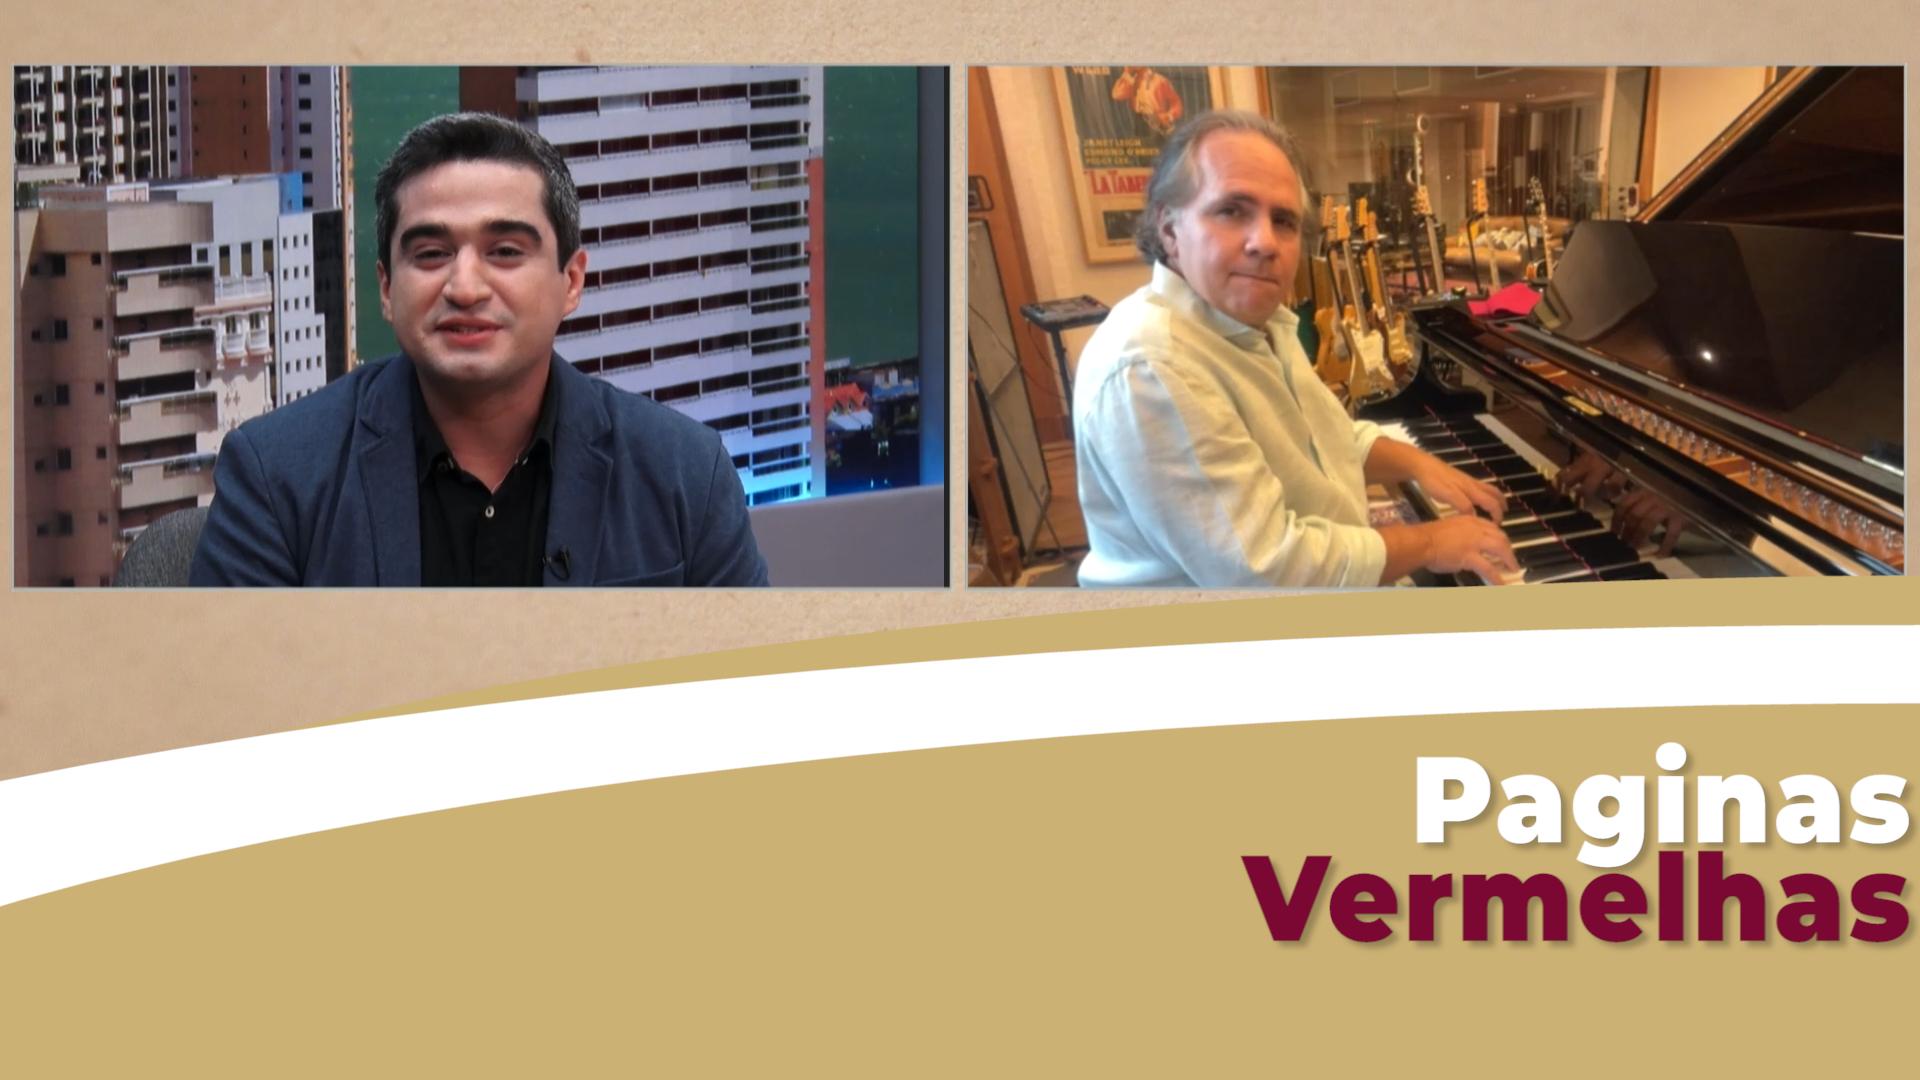 Paginas Vermelhas entrevista, Ricardo Bacelar, Advogado e Músico